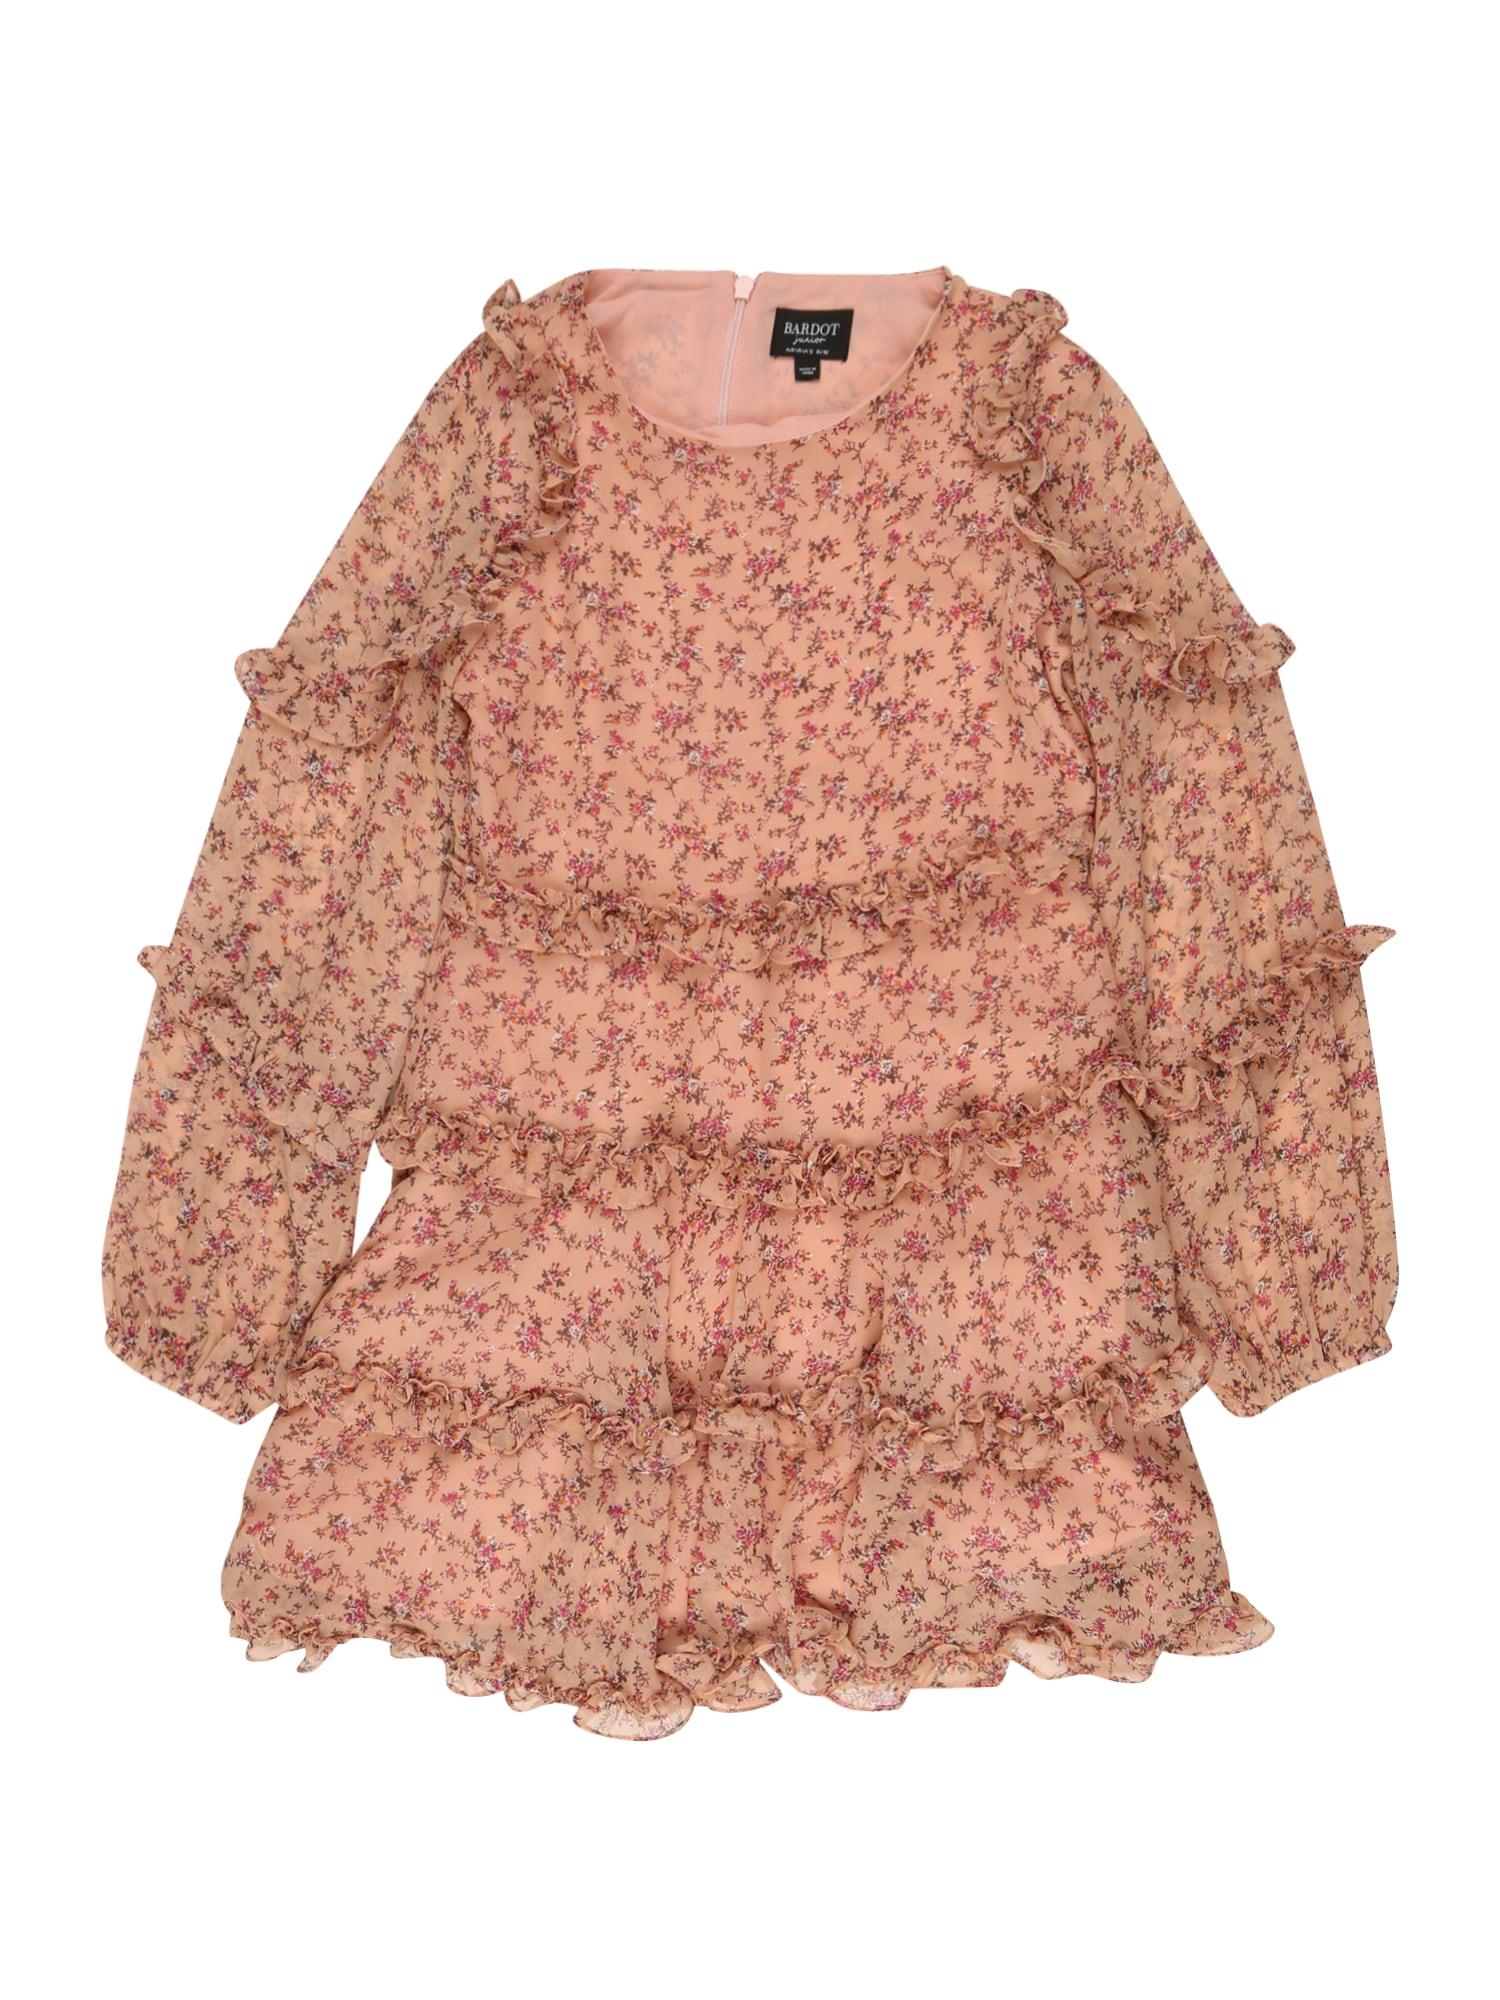 Bardot Junior Suknelė 'Hazel' rožių spalva / mišrios spalvos